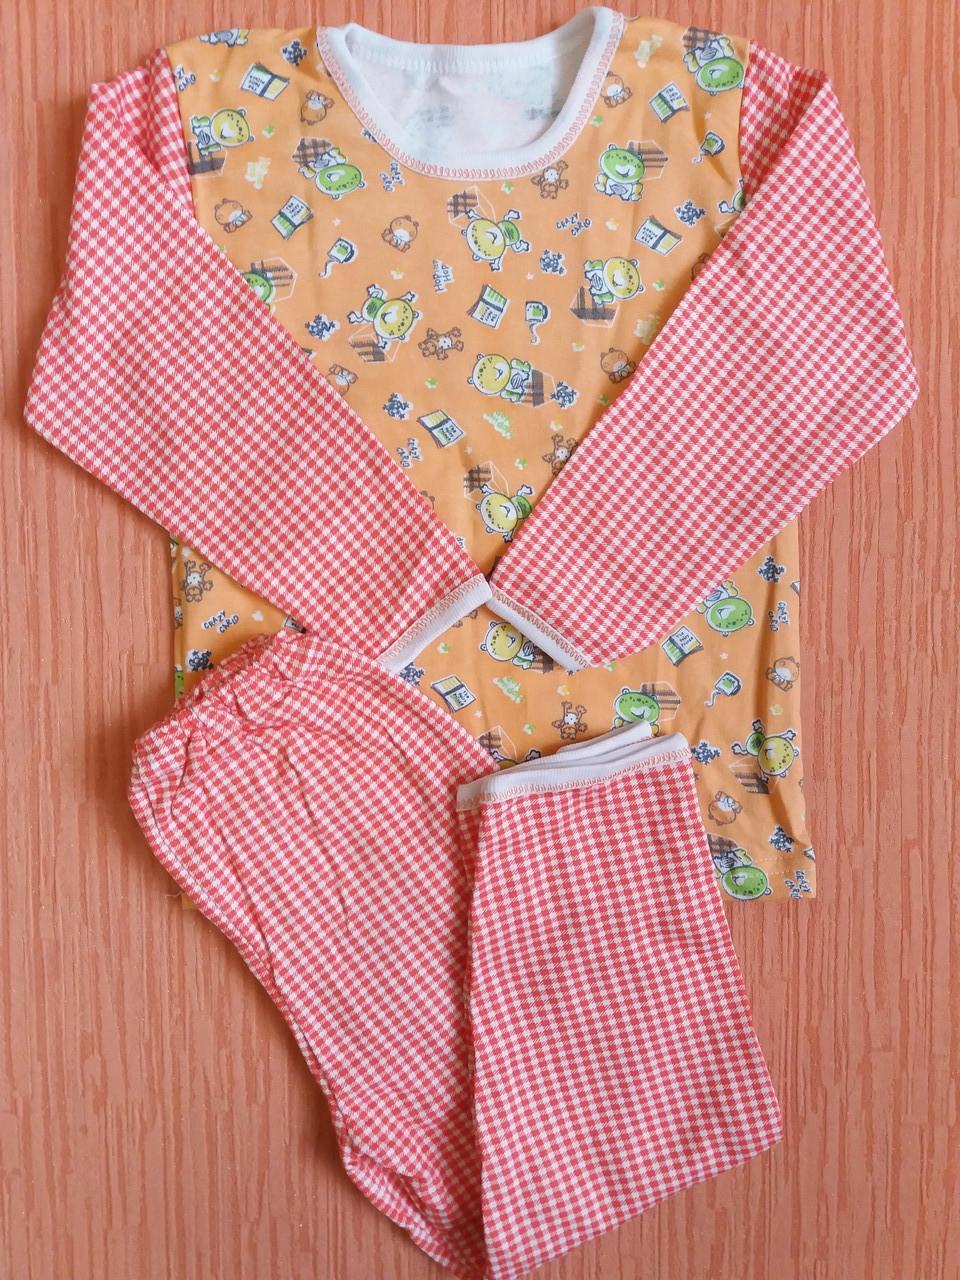 Пижамы детские на байке хлопок Украина. Размер 28.От 4шт по 62грн